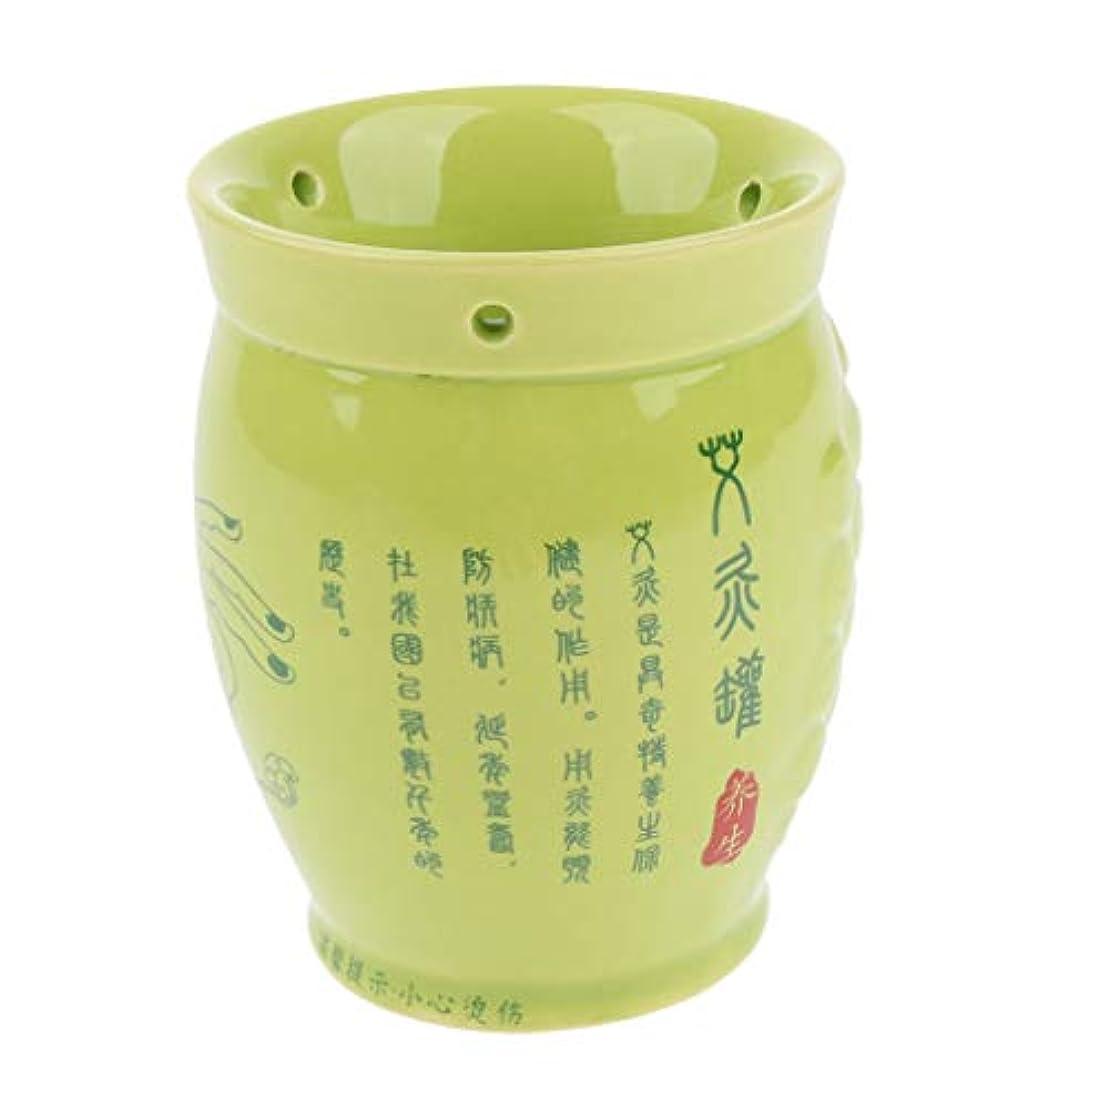 マントルちょうつがいステレオタイプFLAMEER マッサージカッピングカップ 缶 ポット お灸 中国式 セラミック 疲労軽減 男女兼用